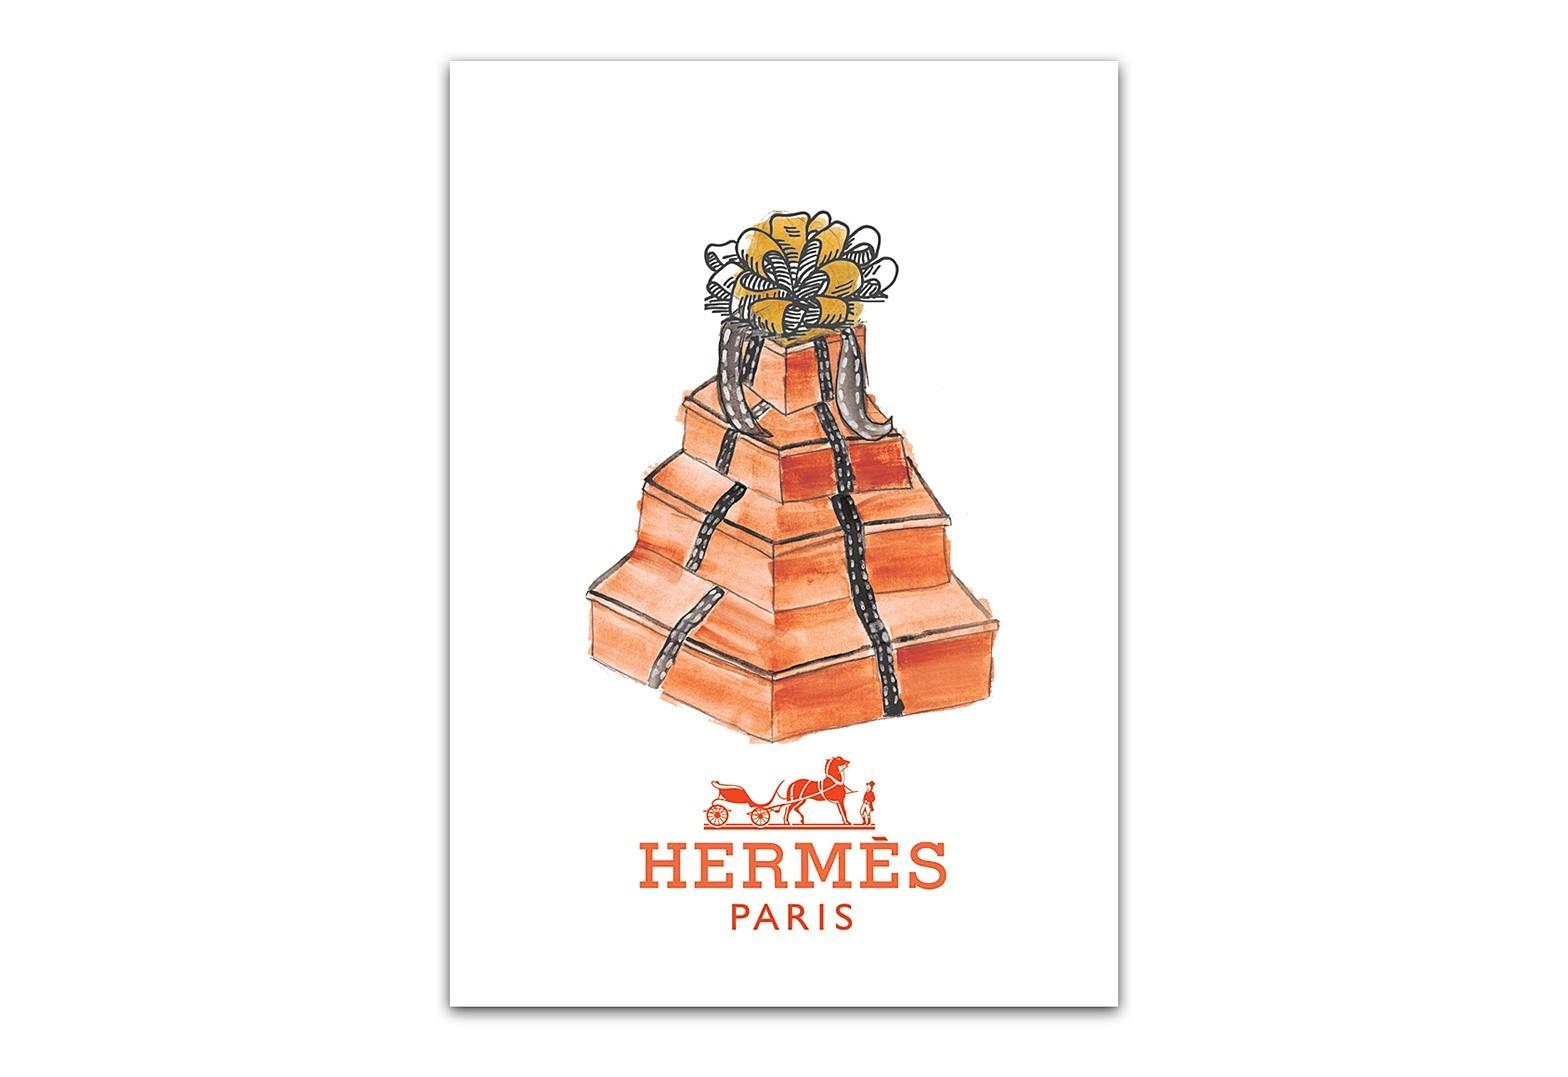 Постер HermesПостеры<br>Постеры для интерьера играют декоративную роль и заключают в себе определенный образ, который будет отражать вашу индивидуальность и создавать атмосферу в помещении. Красочный декоративный постер Hermes станет ярким акцентом в любом интерьере и прекрасным подарком поклонникам знаменитого французского бренда. Постер выполнен типографским способом на плотной бумаге и вставлен в рамку, позволяющую удобно закрепить его на стене в любом положении. Купите постер Hermes себе или в подарок, ведь это прекрасная идея для преображения интерьера — основным преимуществом этого элемента декора является то, что при желании интерьер легко обновить, заменив старое изображение новым. Размер А3 (297?420 мм), А4 (210 мм х 297 мм). Другие размеры — под заказ.<br>Рамки на выбор белого, черного, серебряного, золотого цветов.<br><br>Material: Бумага<br>Length см: None<br>Width см: 30<br>Height см: 40